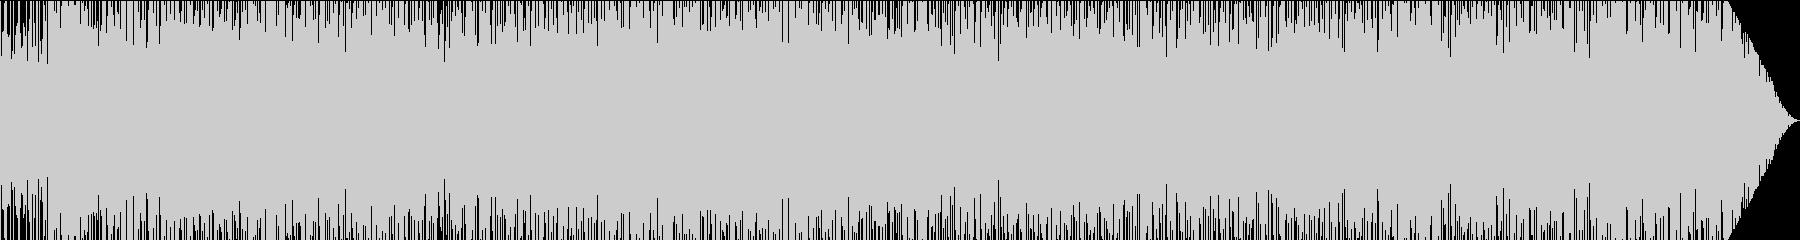 トロピカルなサンバの未再生の波形